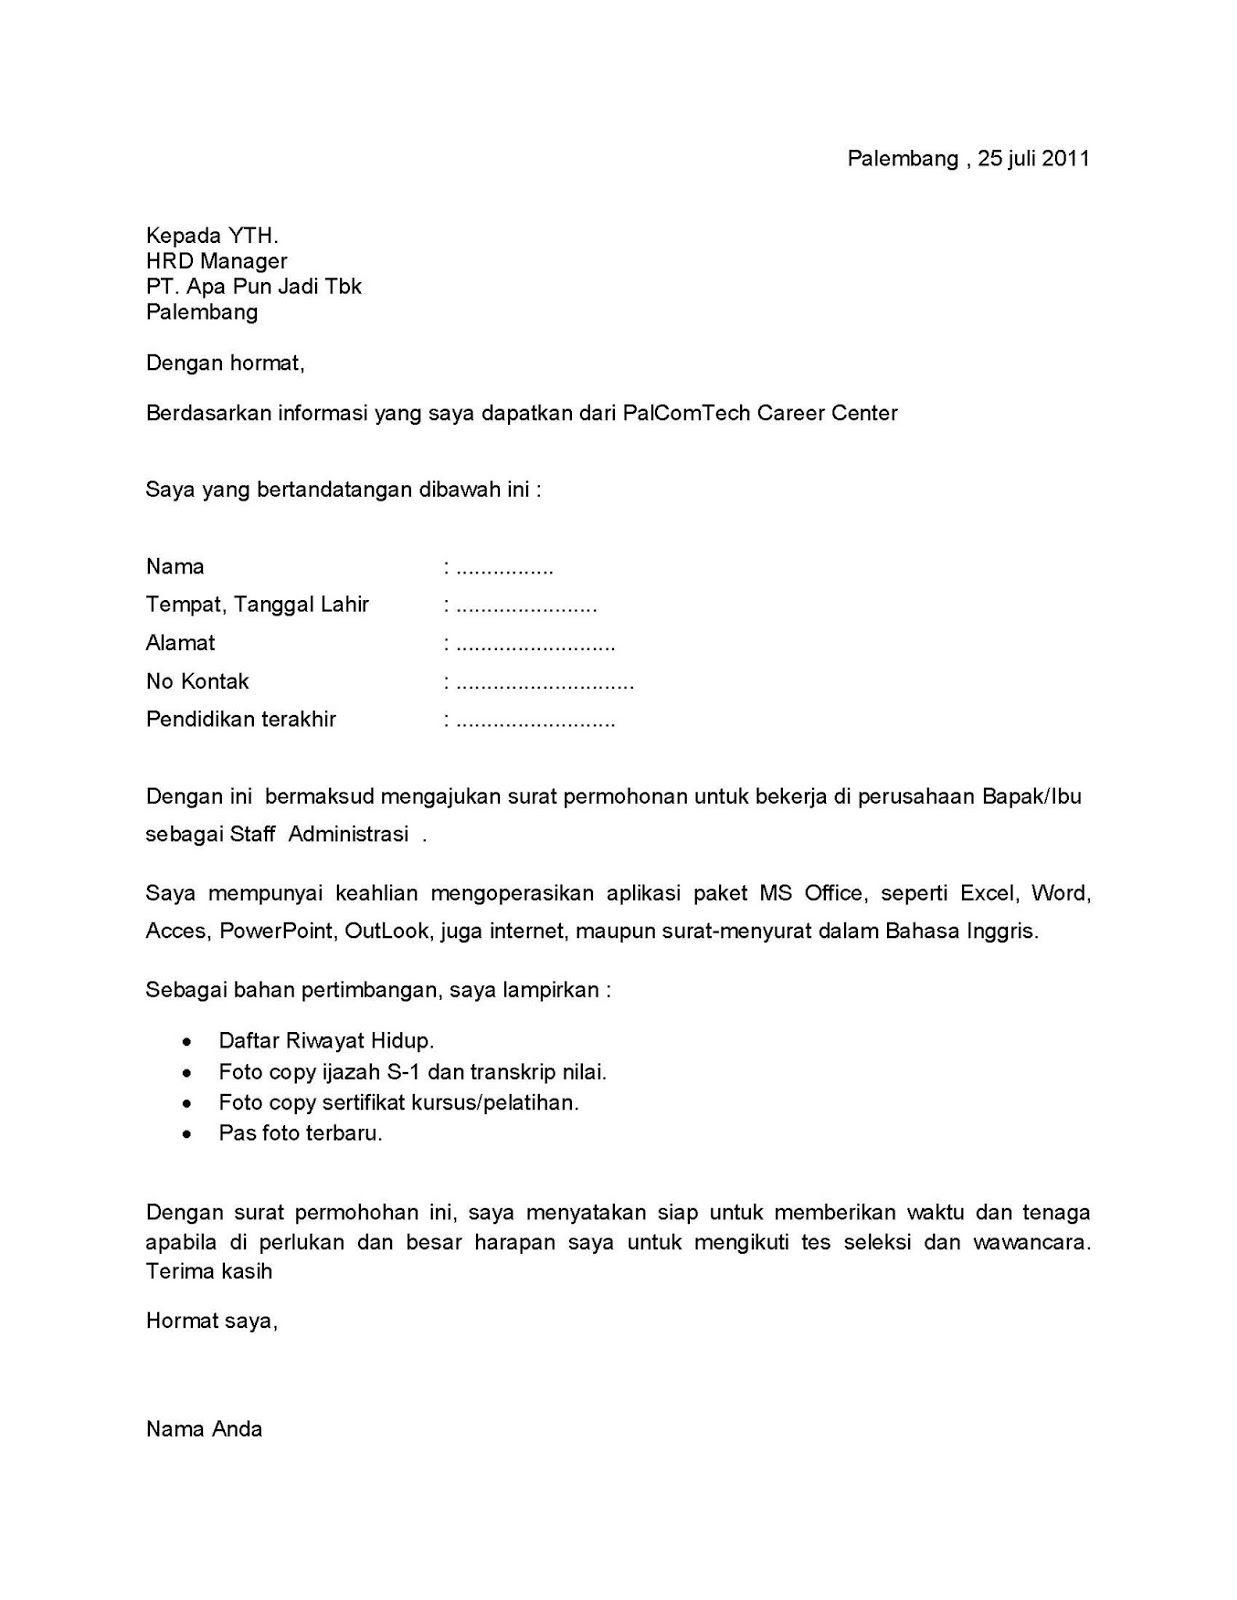 Surat Lamaran Kerja Pegadaian  ben jobs  Contoh Lamaran Kerja dan CV  Pinterest